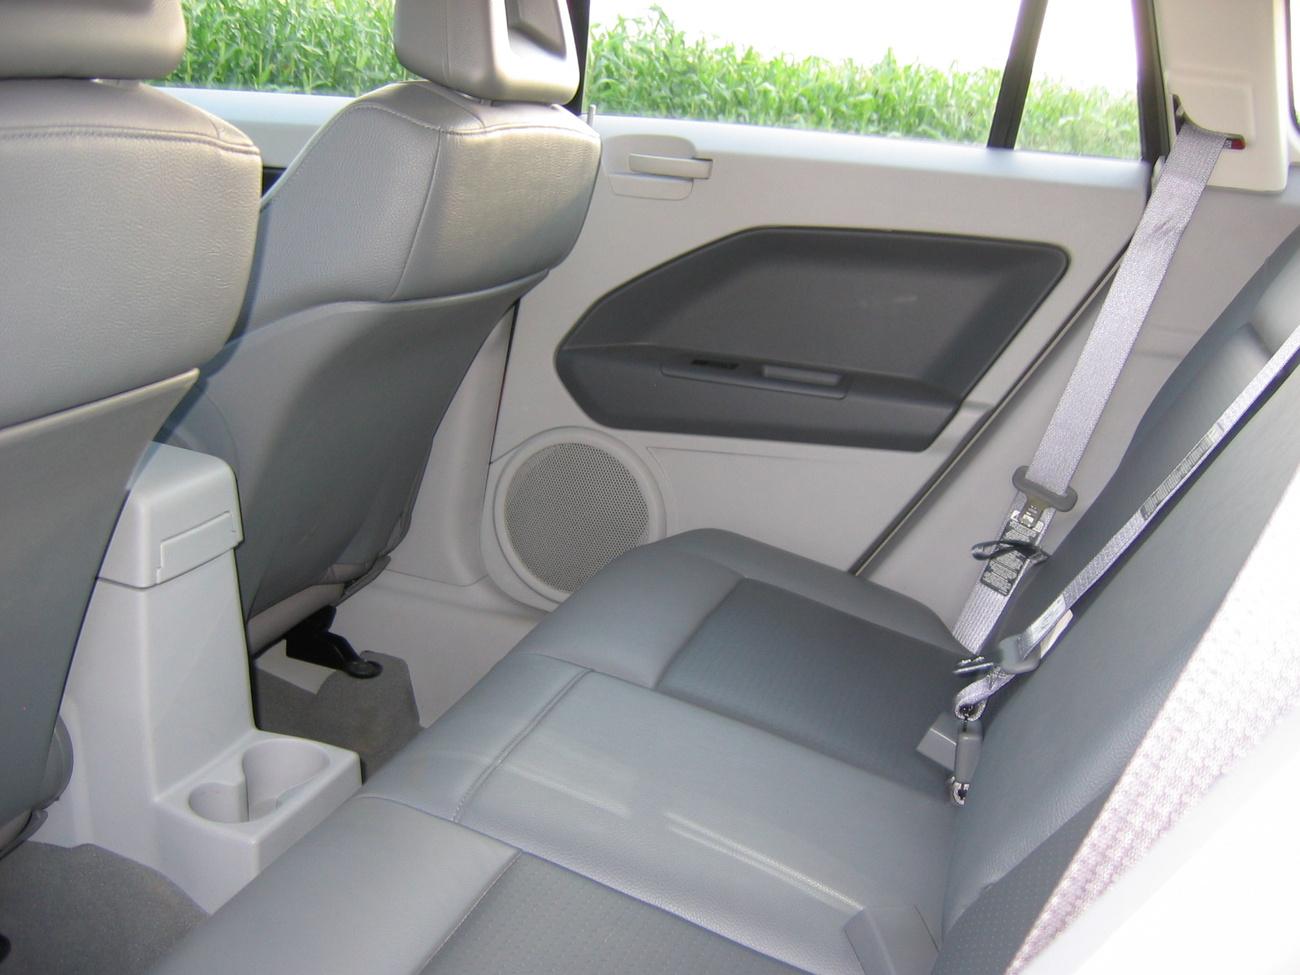 Dodge Charger - Dodge Dart - Dodge Caliber